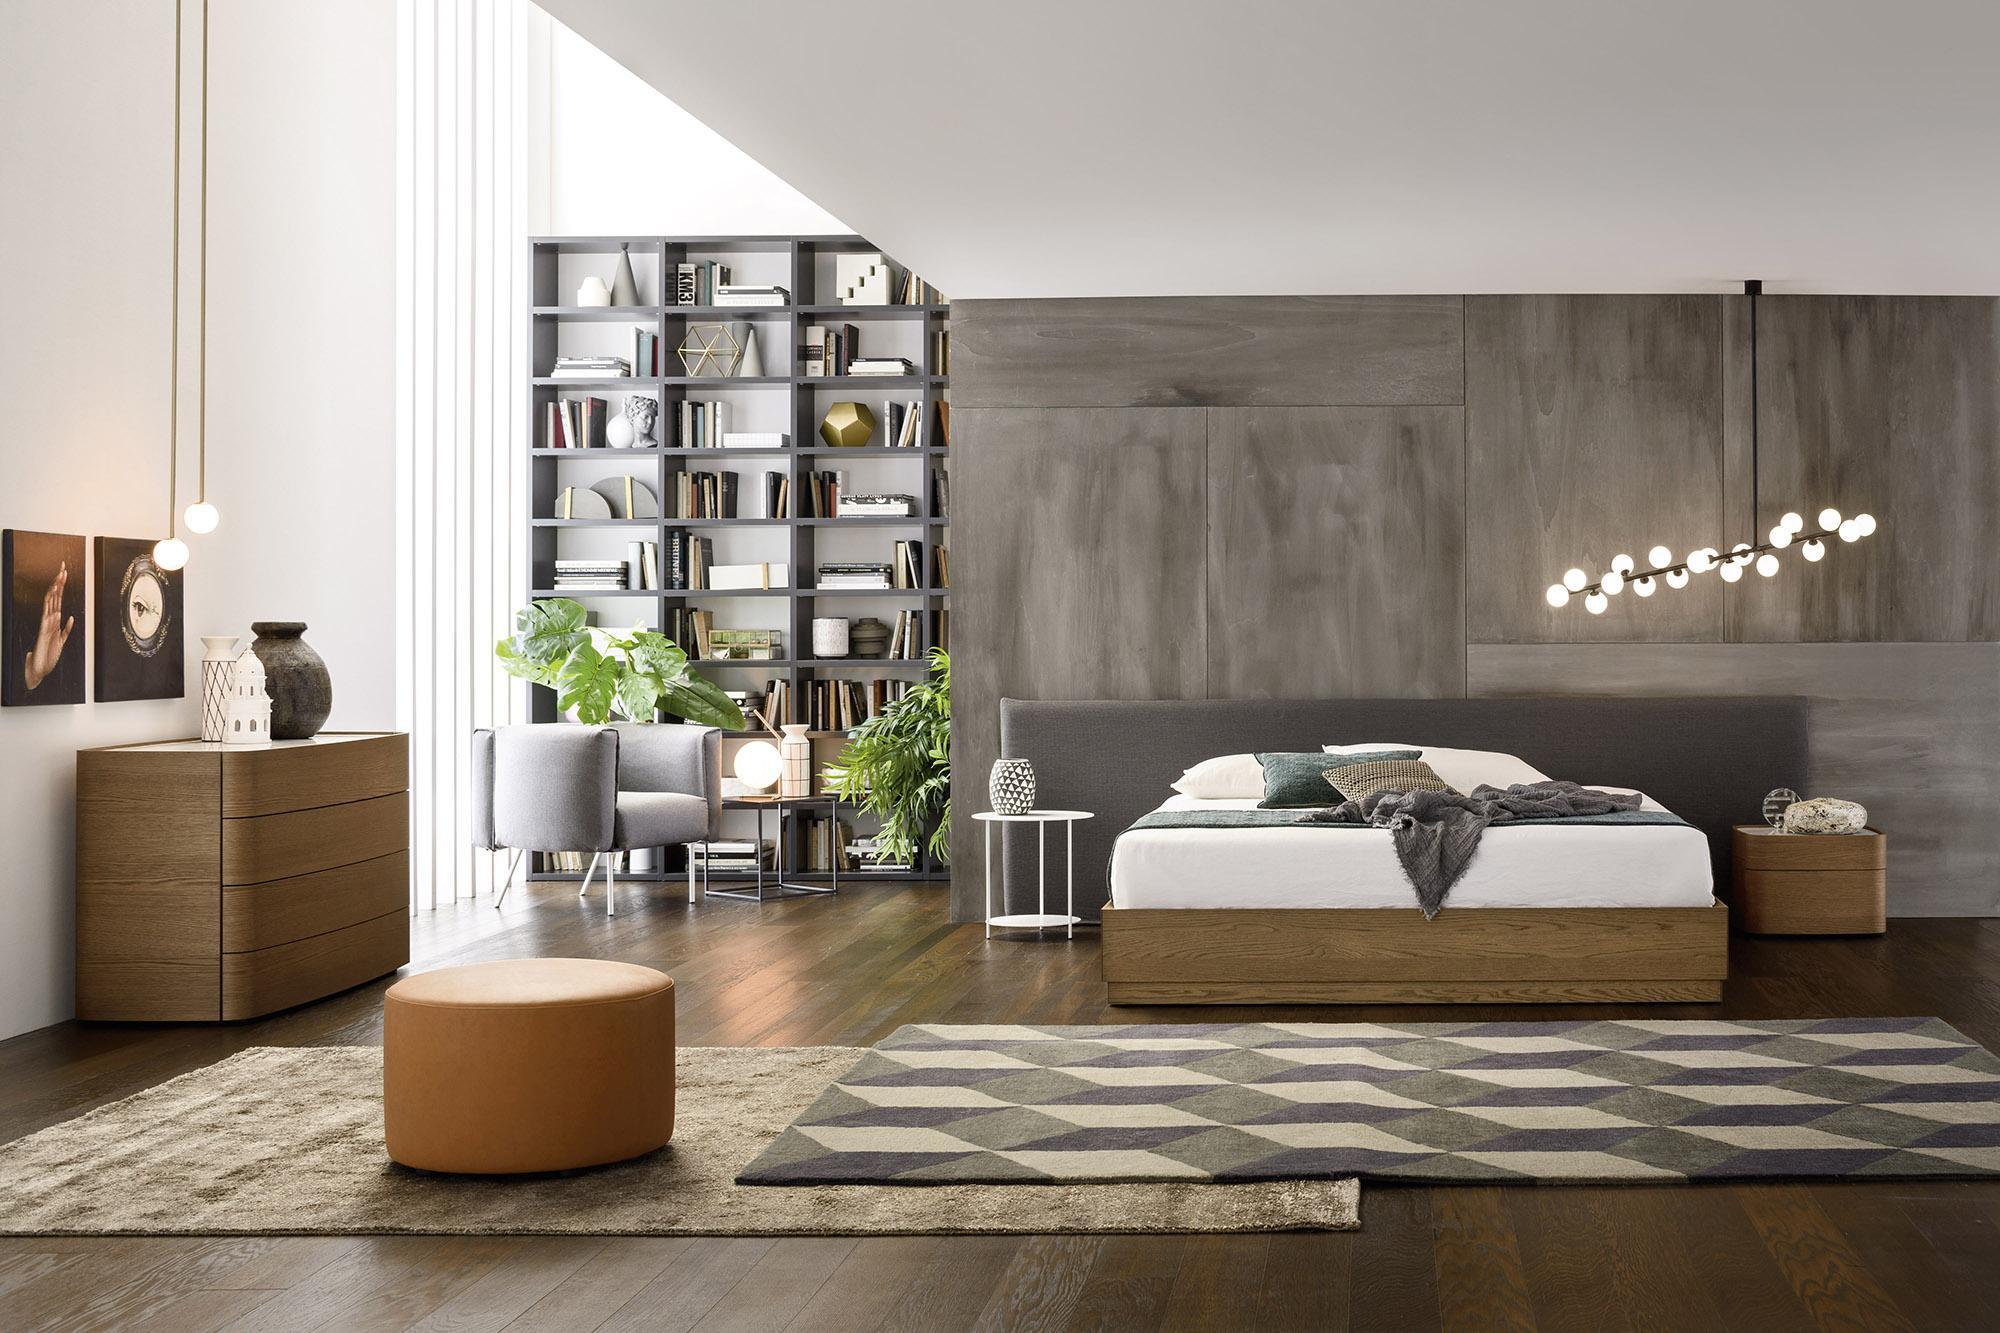 Rundbogen Verkleiden rundbogen bilder ideen couchstyle